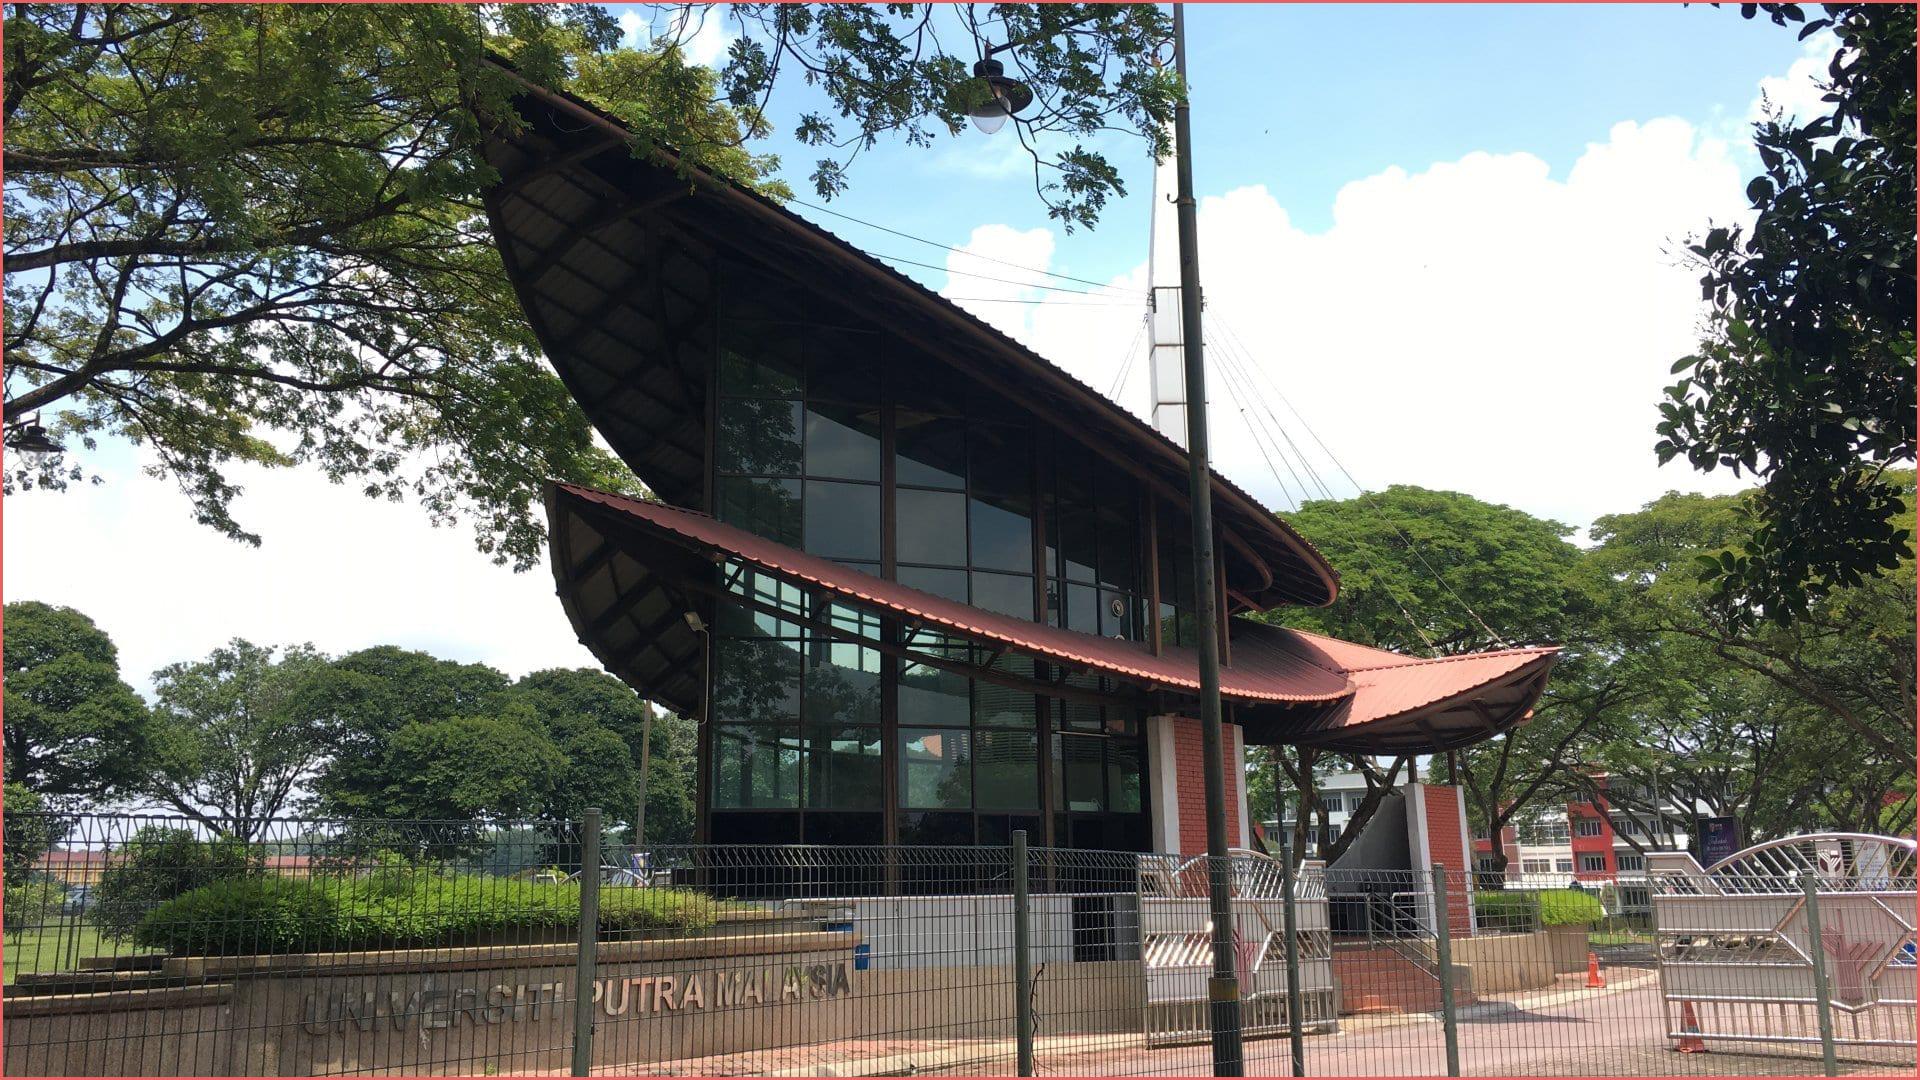 جامعة بوترا ماليزيا تعرف علي المصاريف والرسوم الدراسية الجامعية